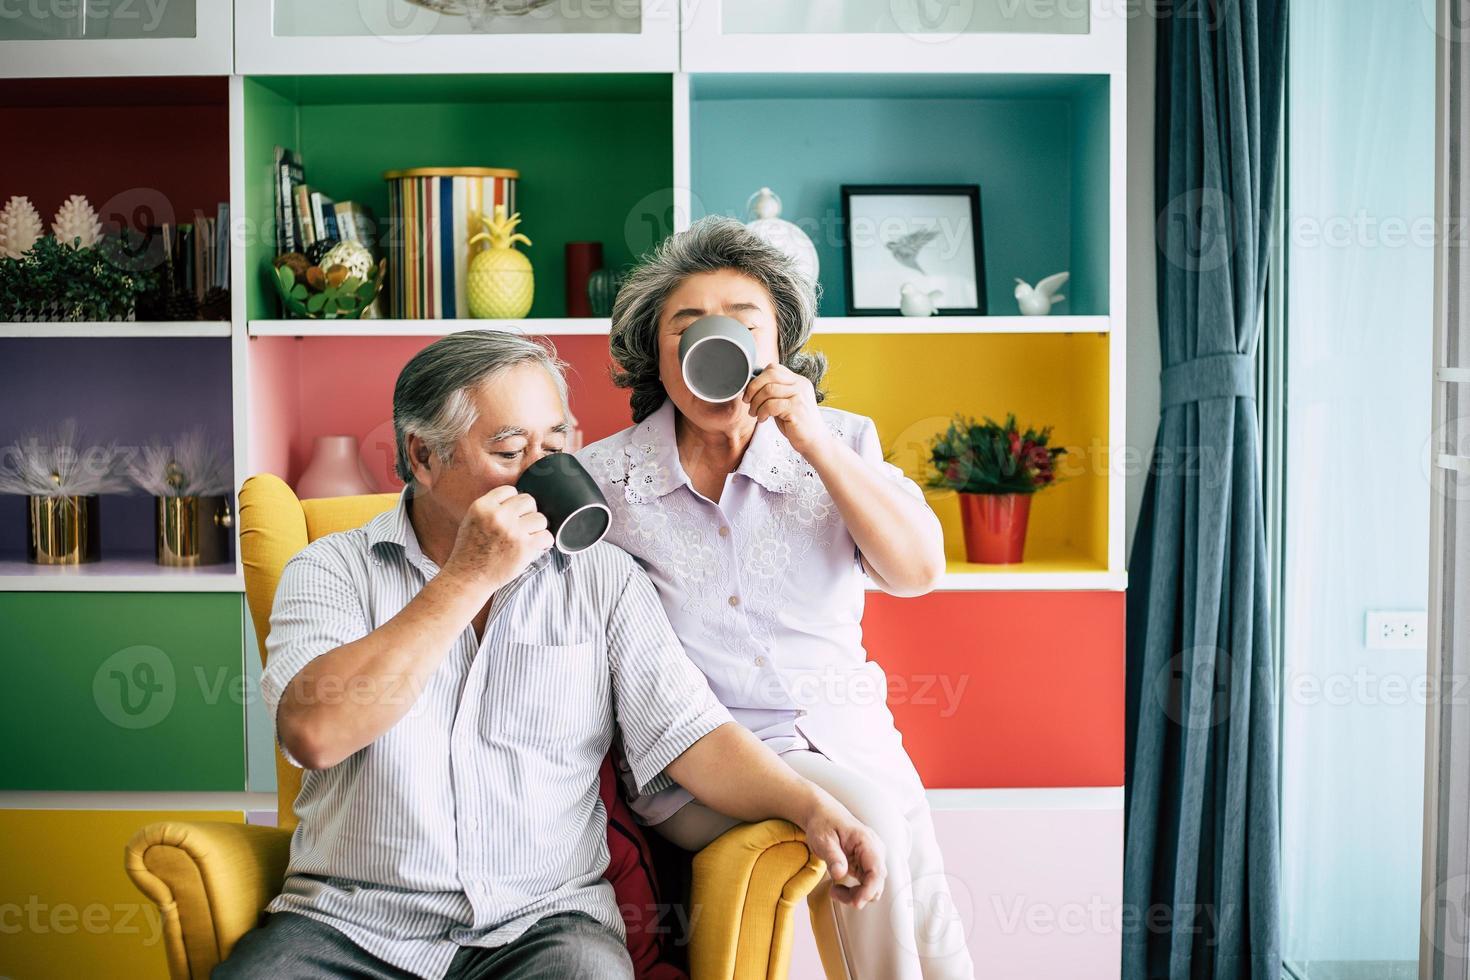 pareja de ancianos hablando juntos y bebiendo café o leche foto